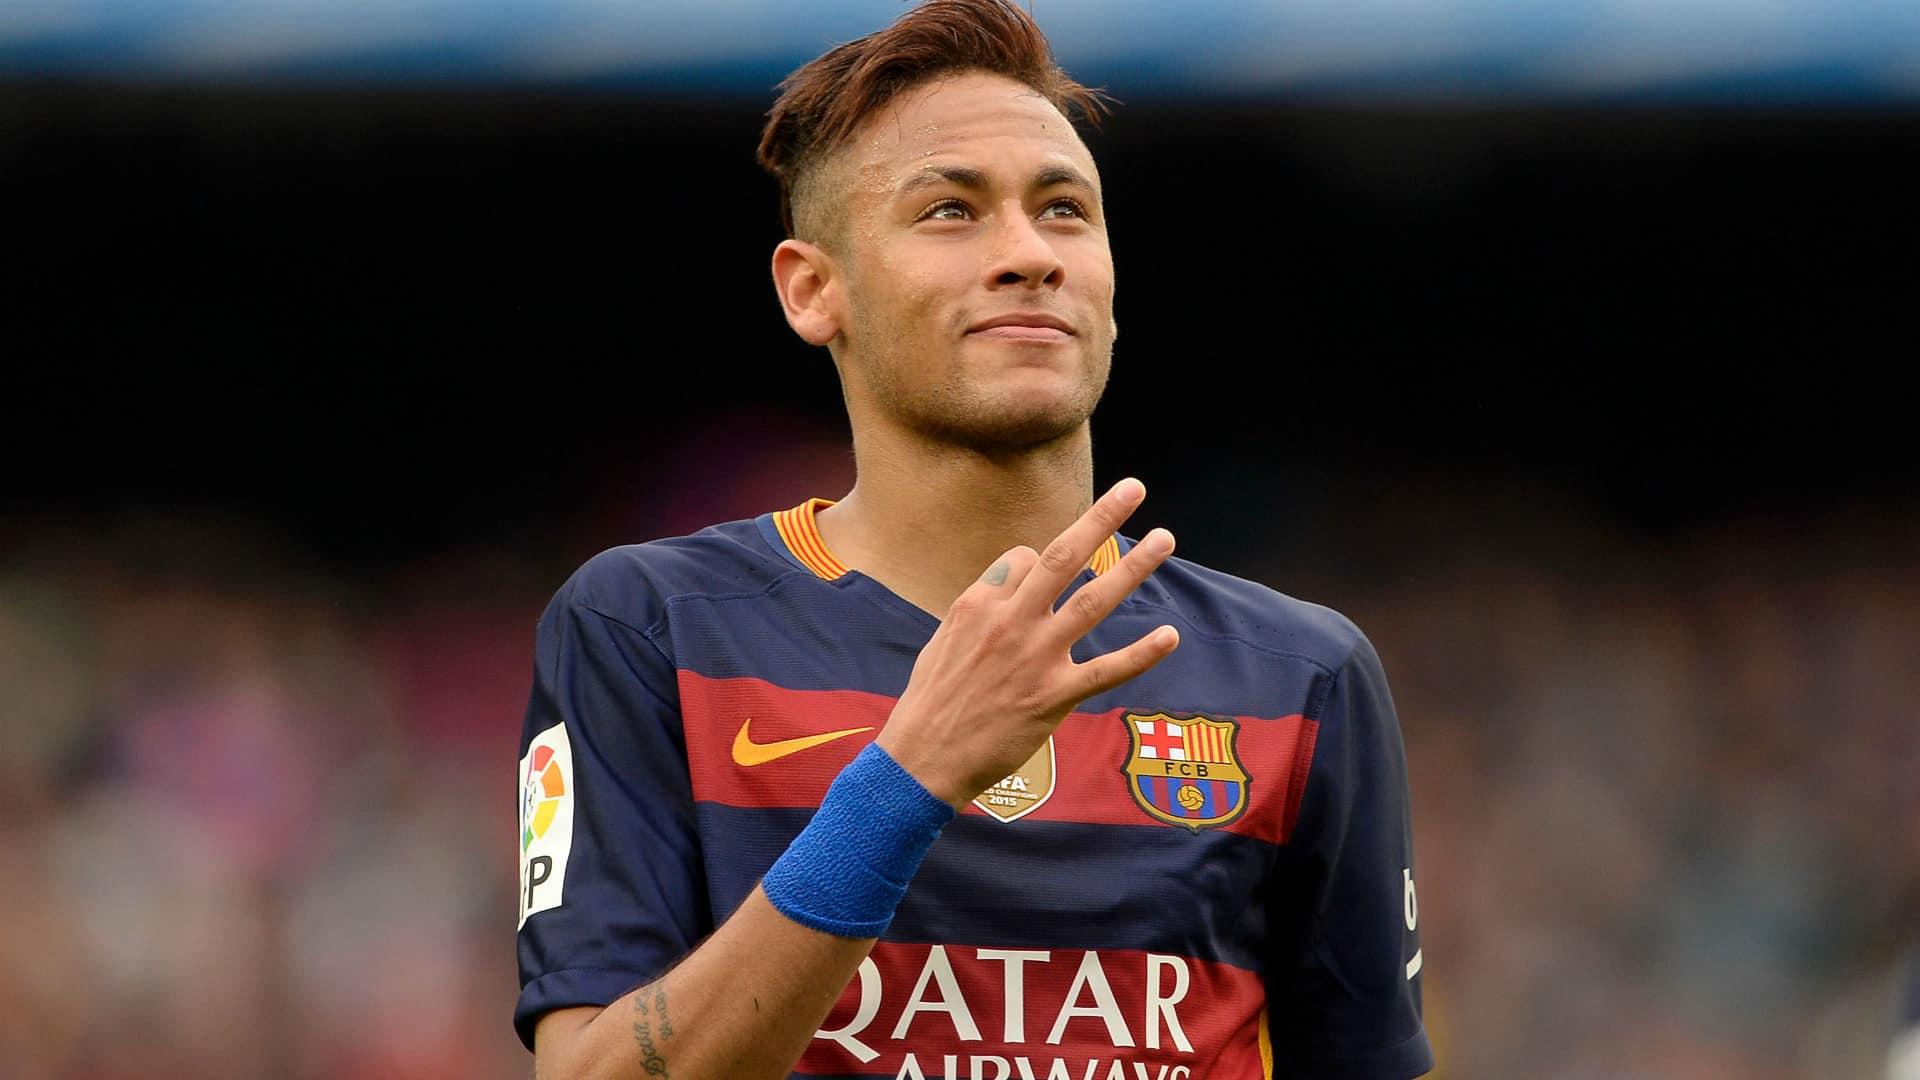 La evolución de Neymar